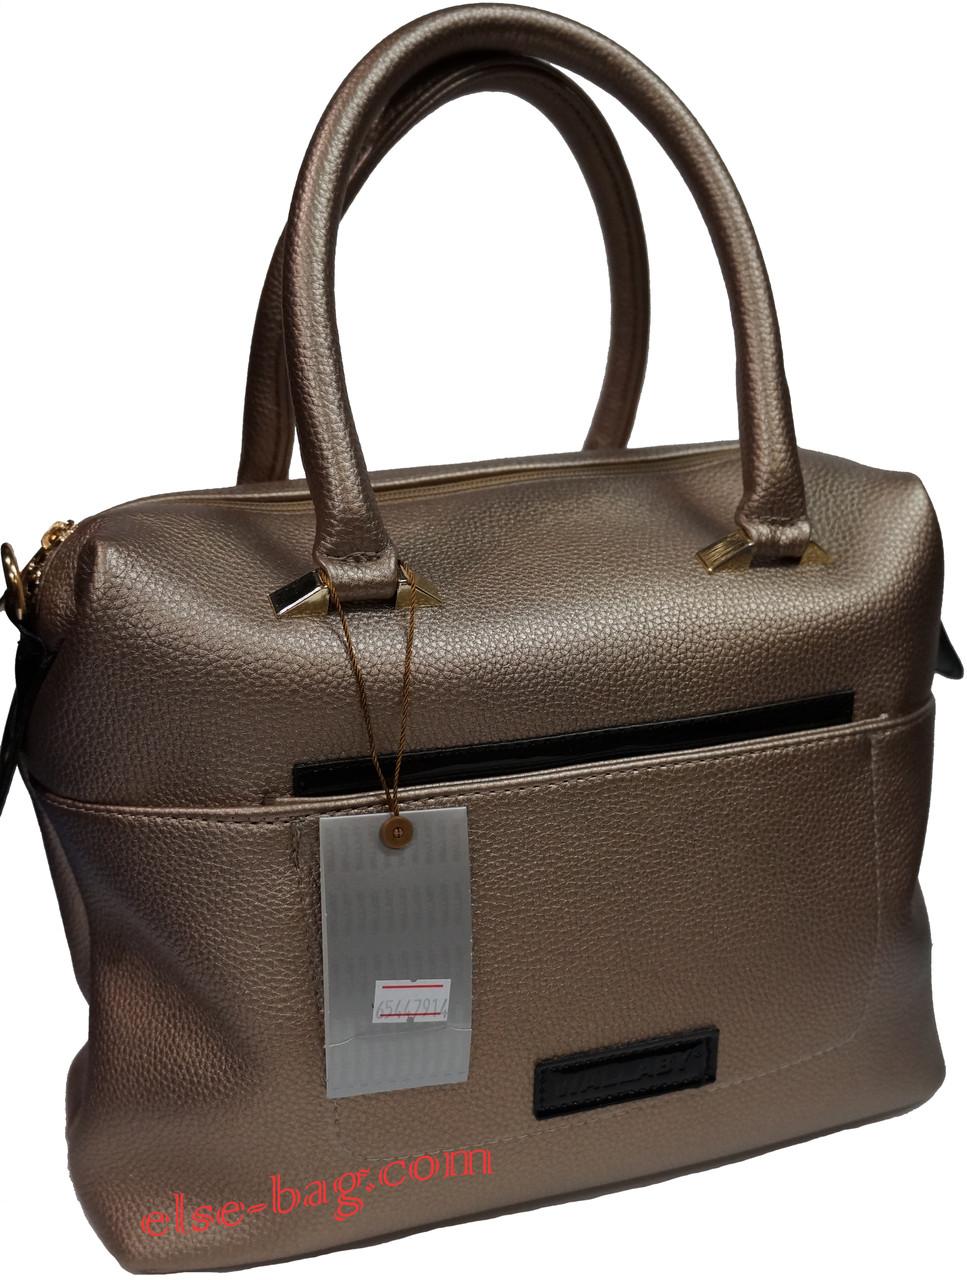 Женская сумка саквояж с лаковой отделкой  продажа, цена в Харькове ... 768c5bd735a